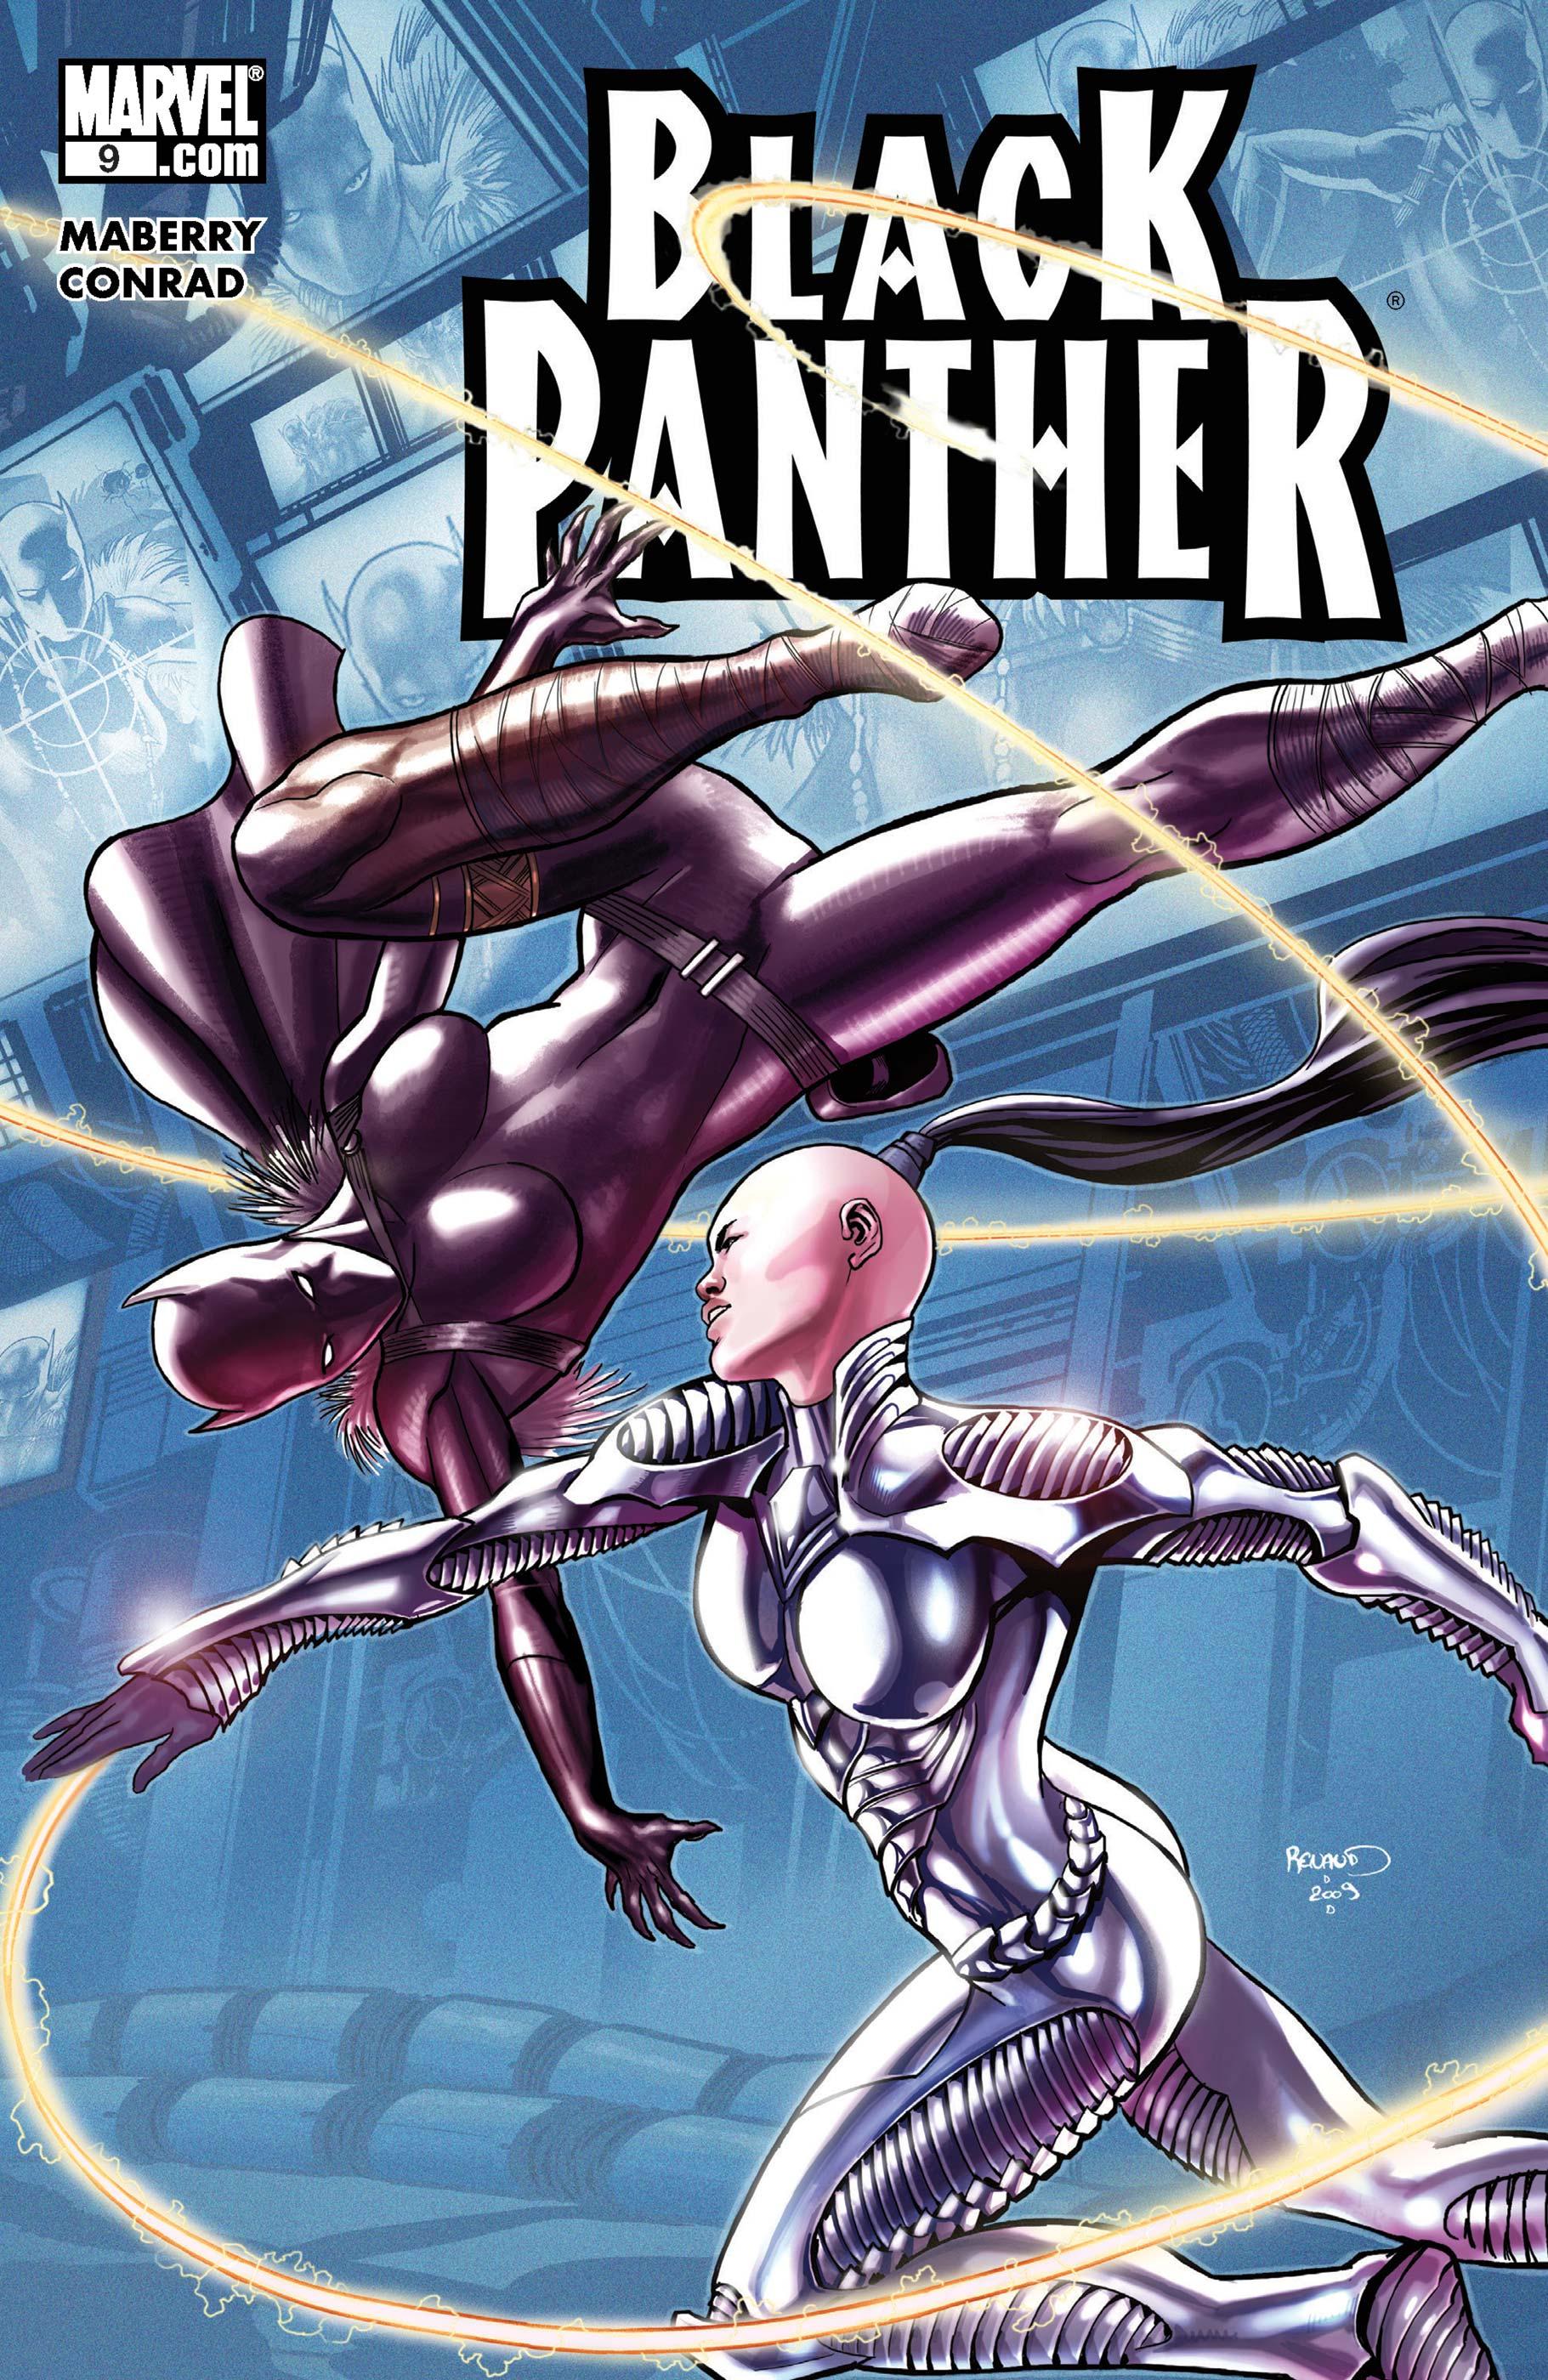 Black Panther (2008) #9